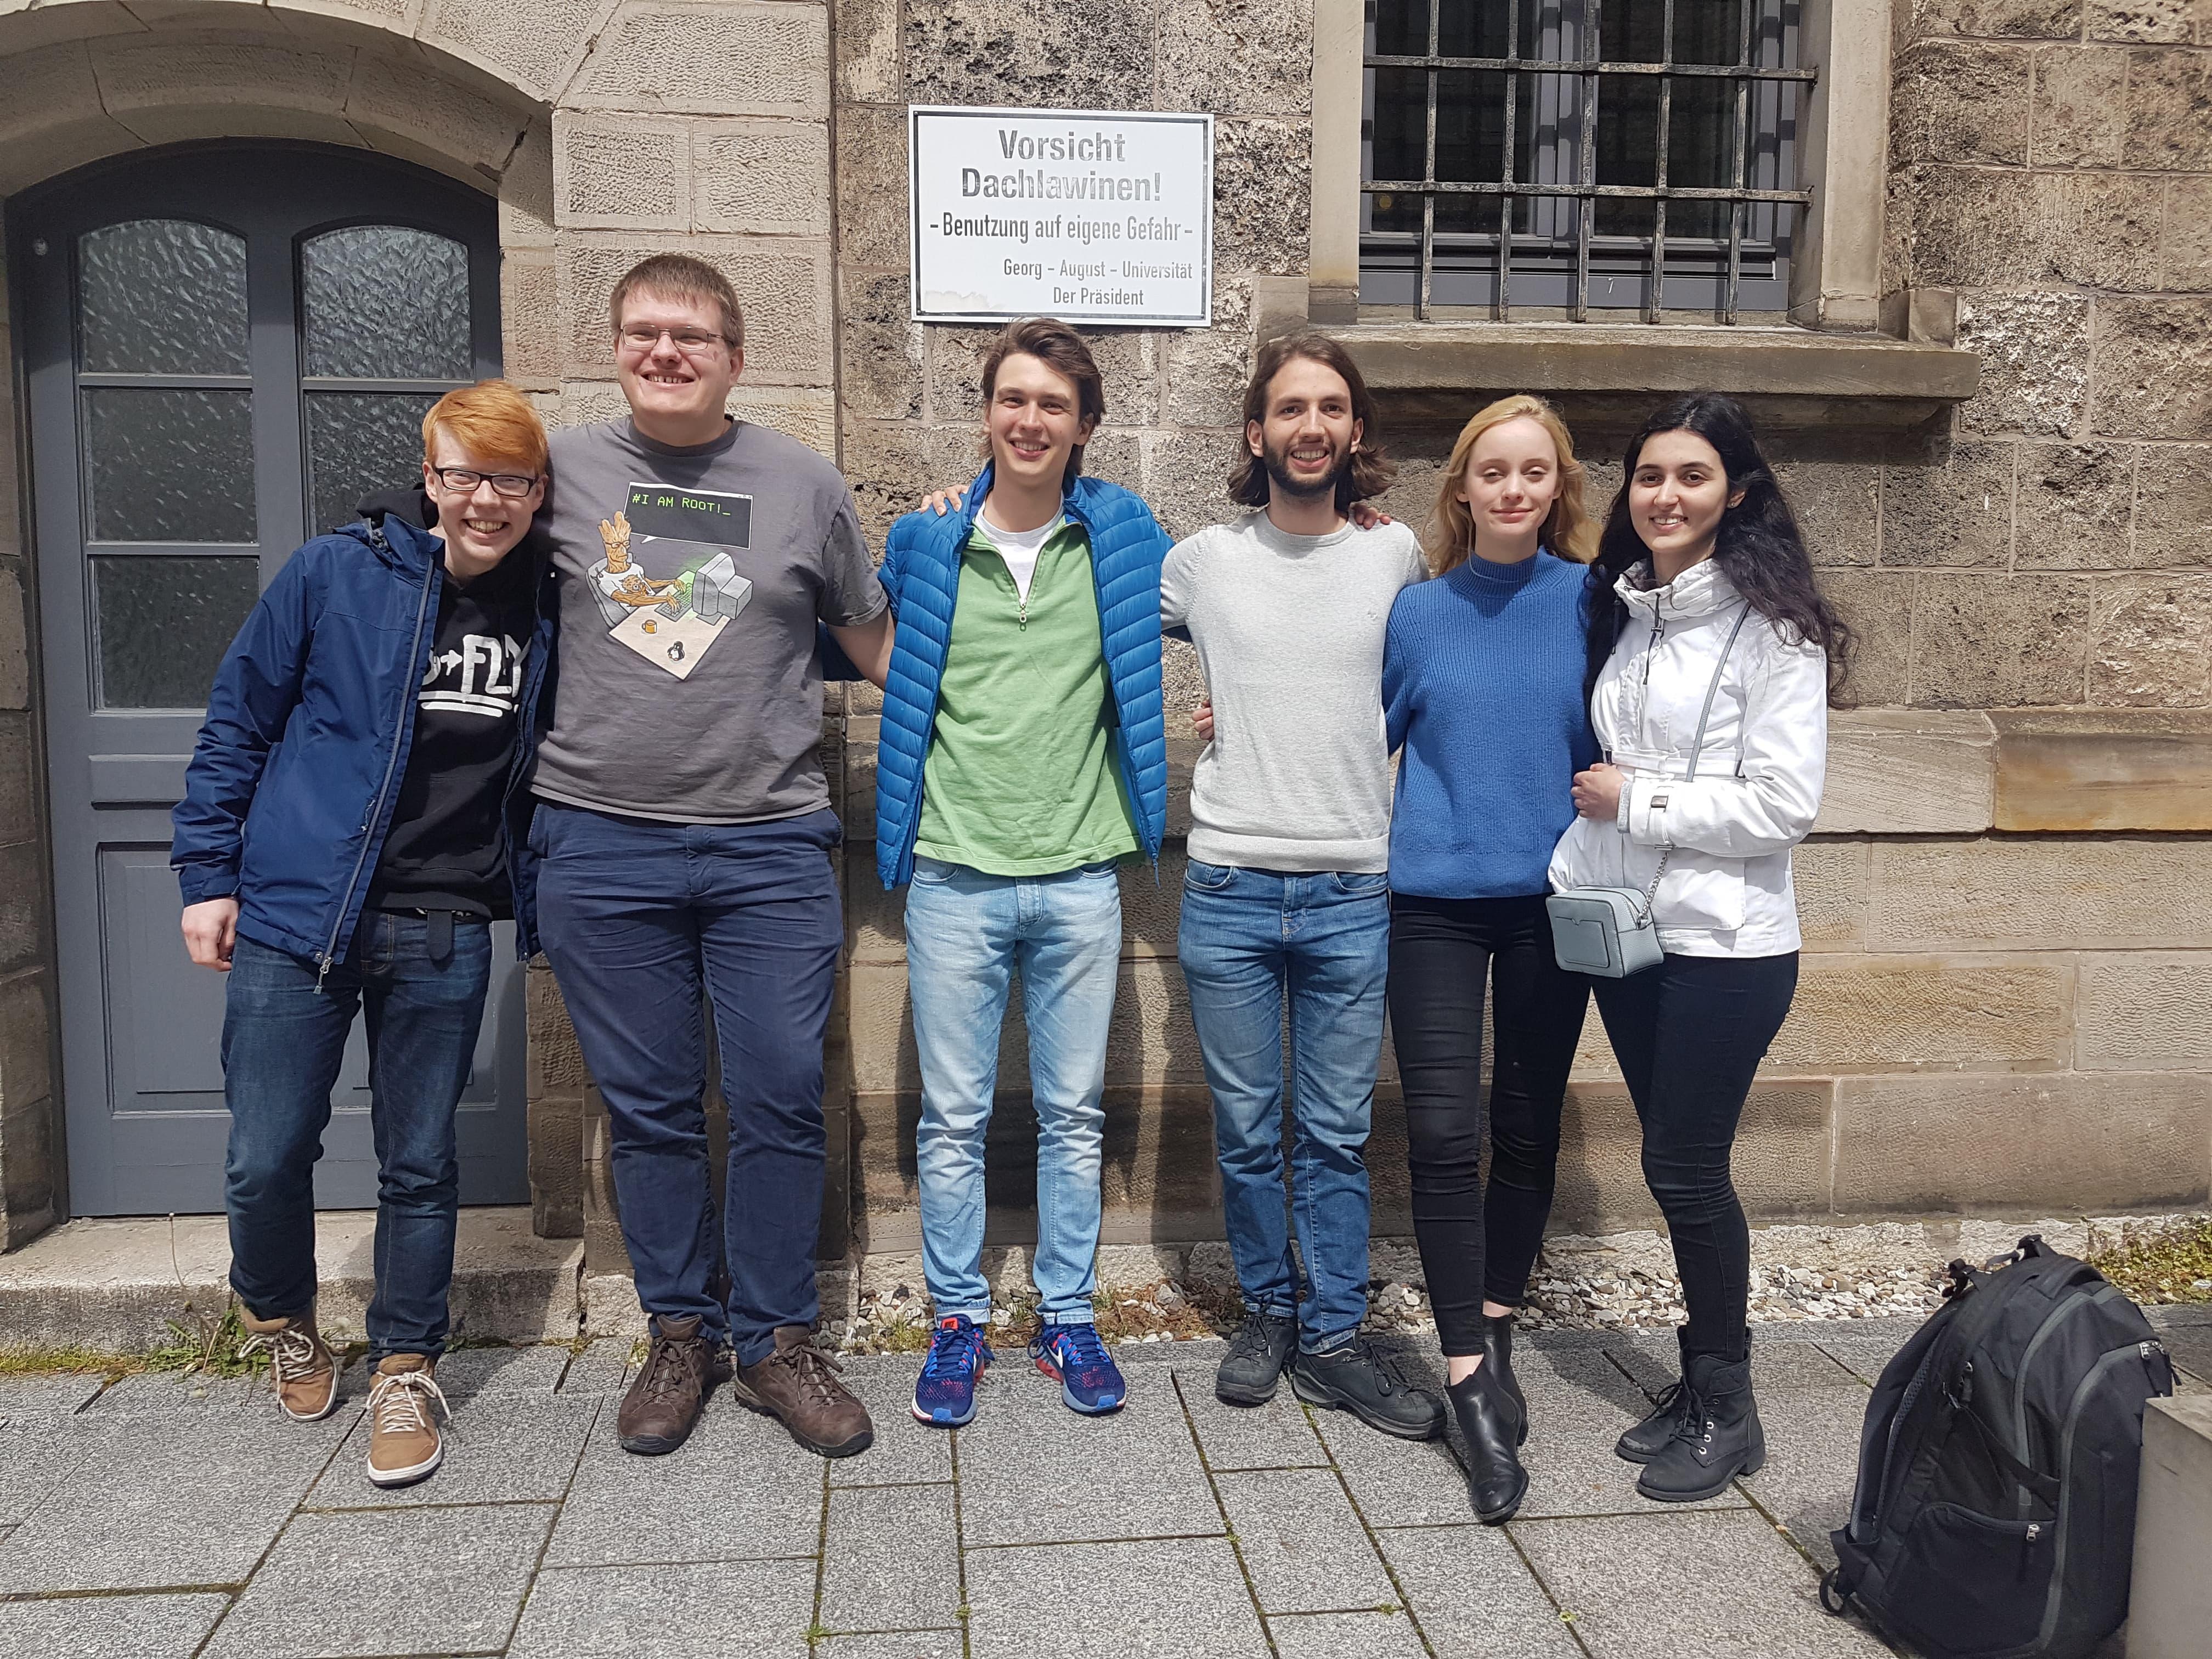 Westdeutsche Meisterschaft 2019 - Debattierclub Hannover